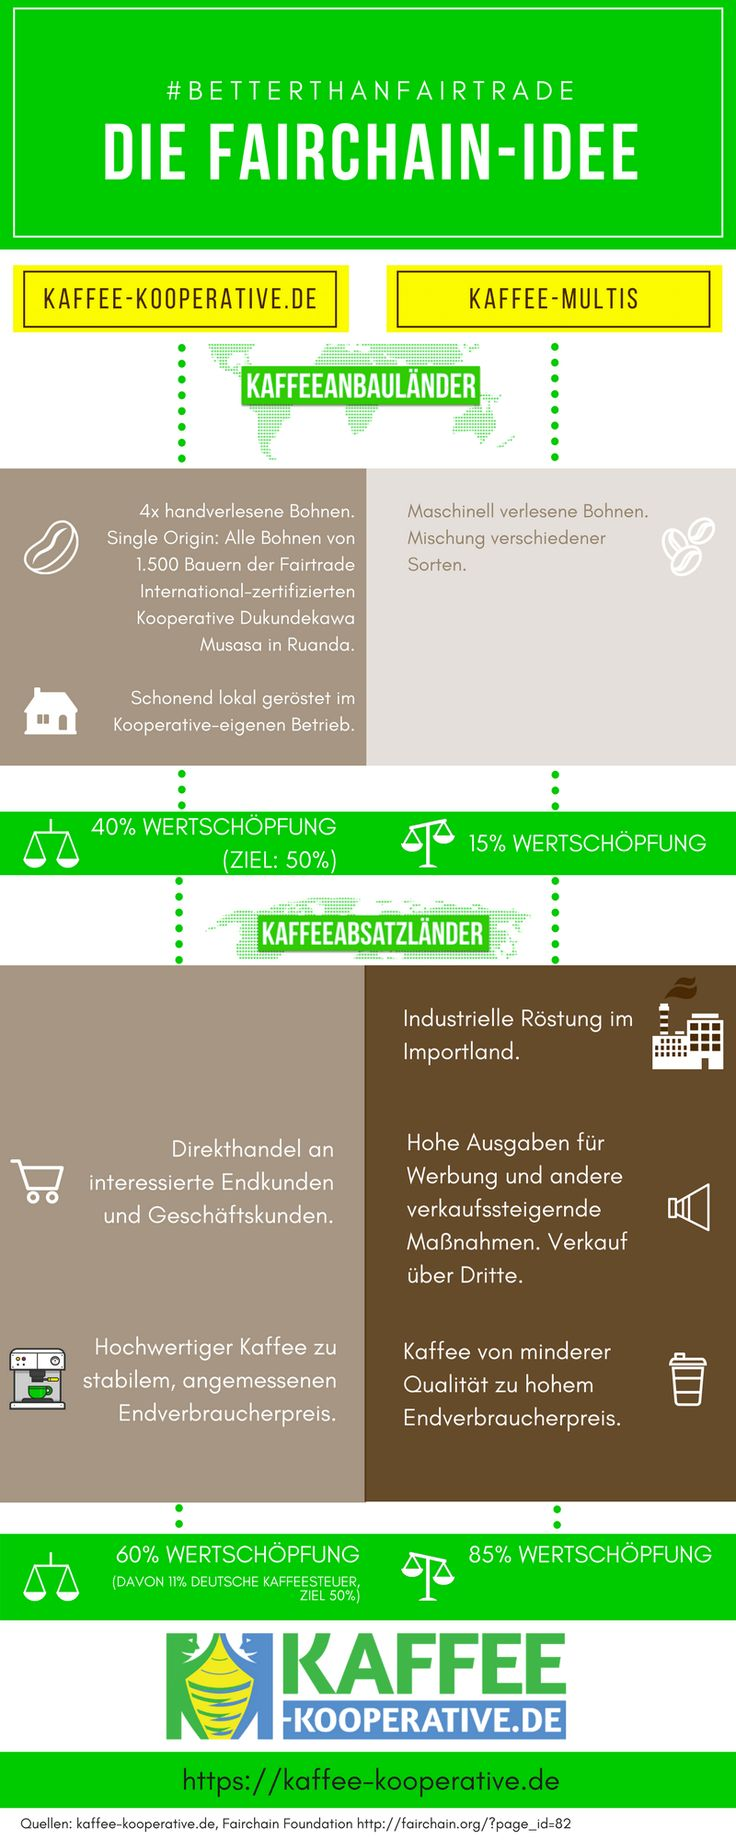 Die Fairchain-Bewegung setzt sich dafür ein, den gesamten Produktionsprozess von Waren im Herkunftsland zu belassen. Warum das besser als Fairtrade ist, lesen Sie hier.